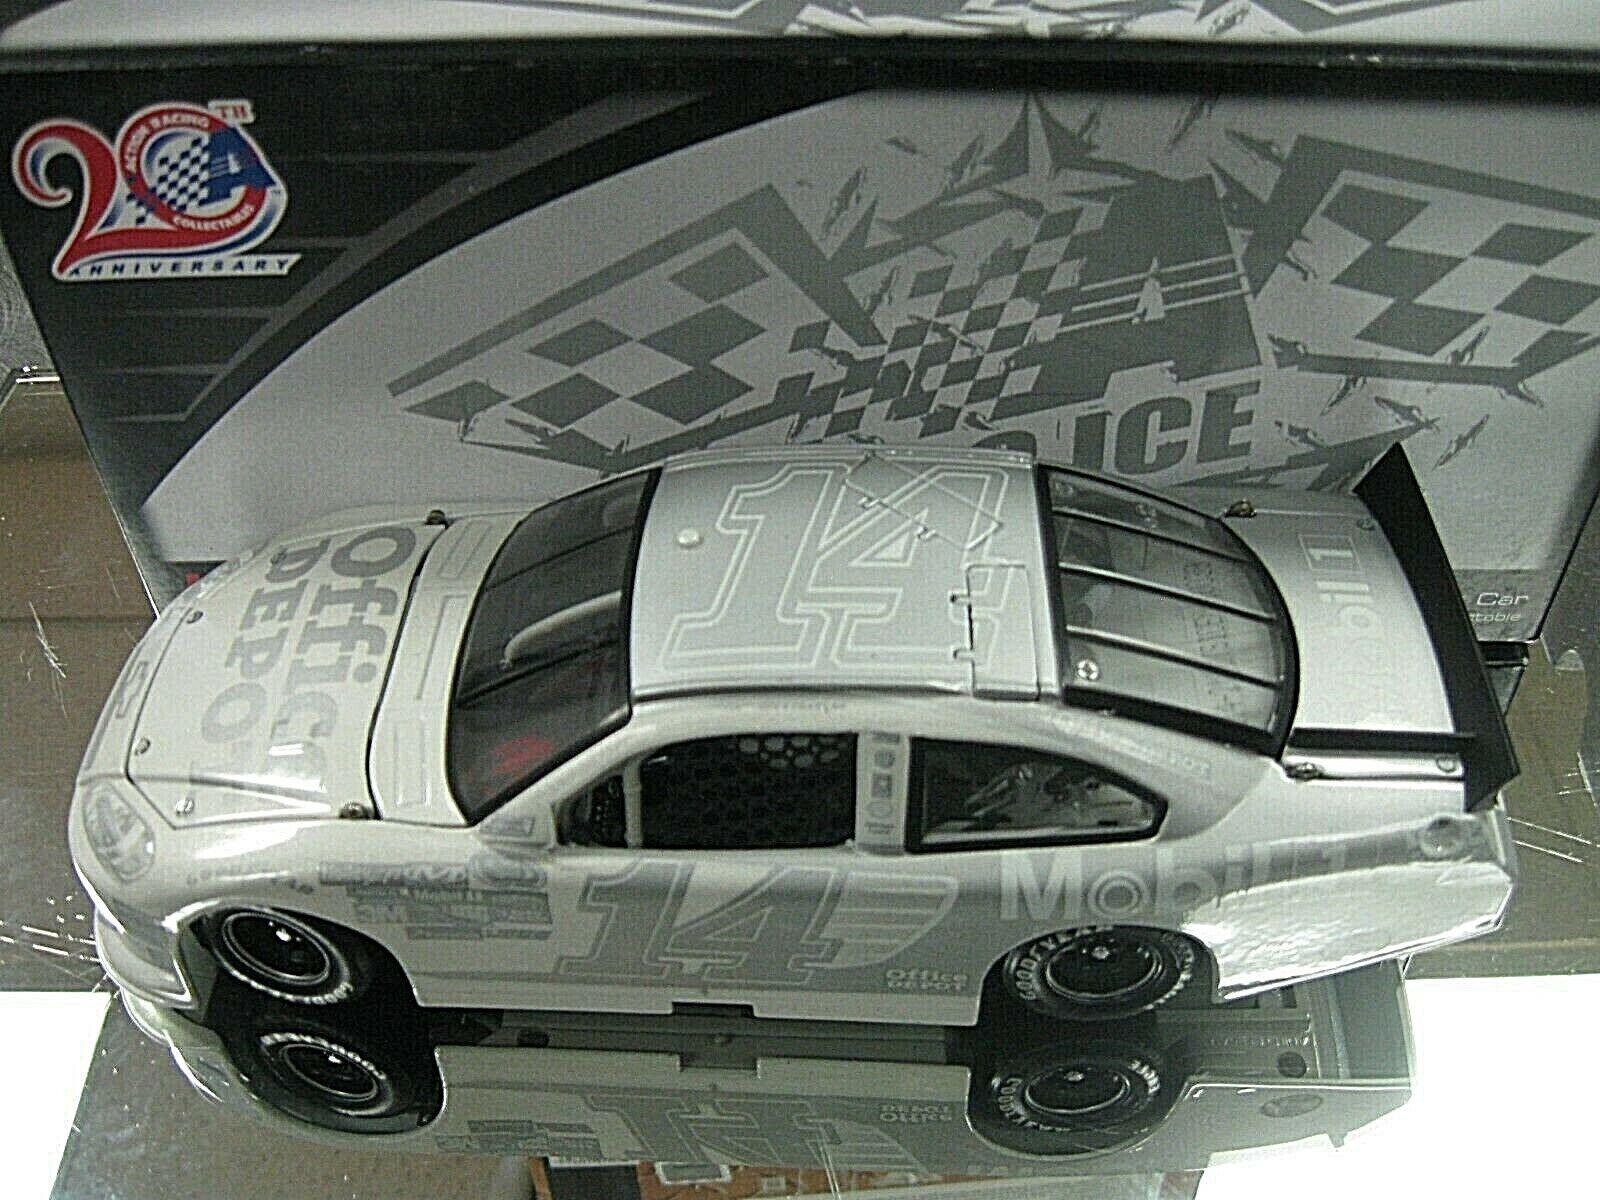 2012 TONY TONY TONY STEWART OFFICE DEPOT ICE FINISH STEWART HAAS RACING IMPALA 300 MADE 6f8526